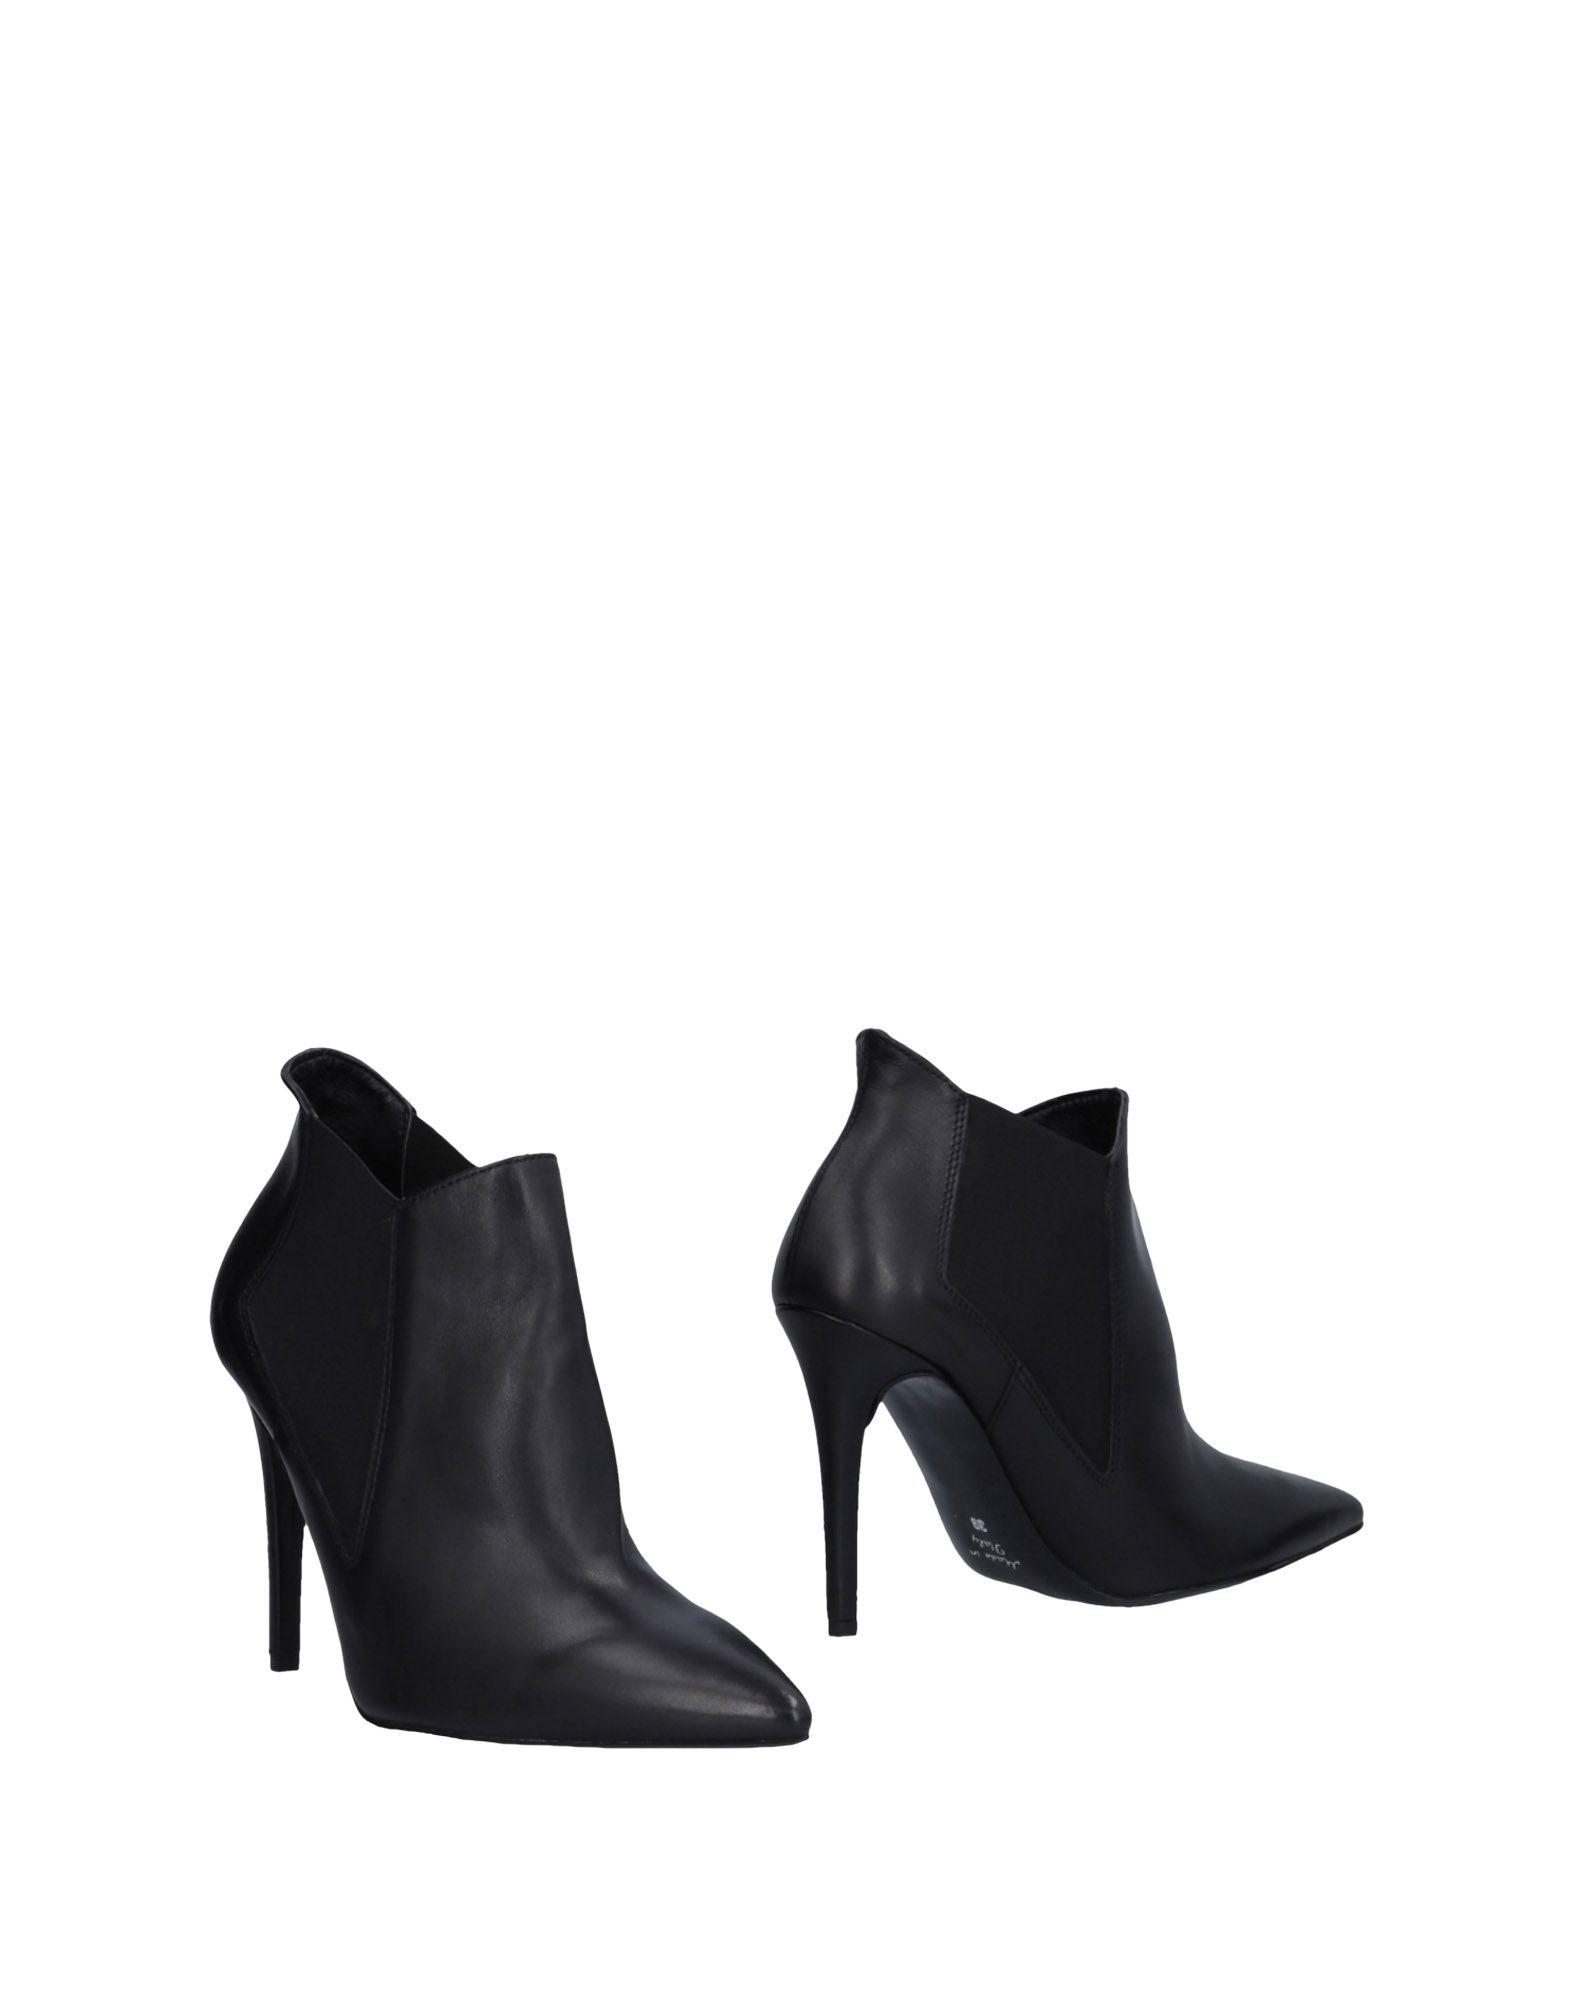 Nila & Nila Stiefelette Damen  11474171ST Gute Qualität beliebte beliebte Qualität Schuhe 6ce4cf